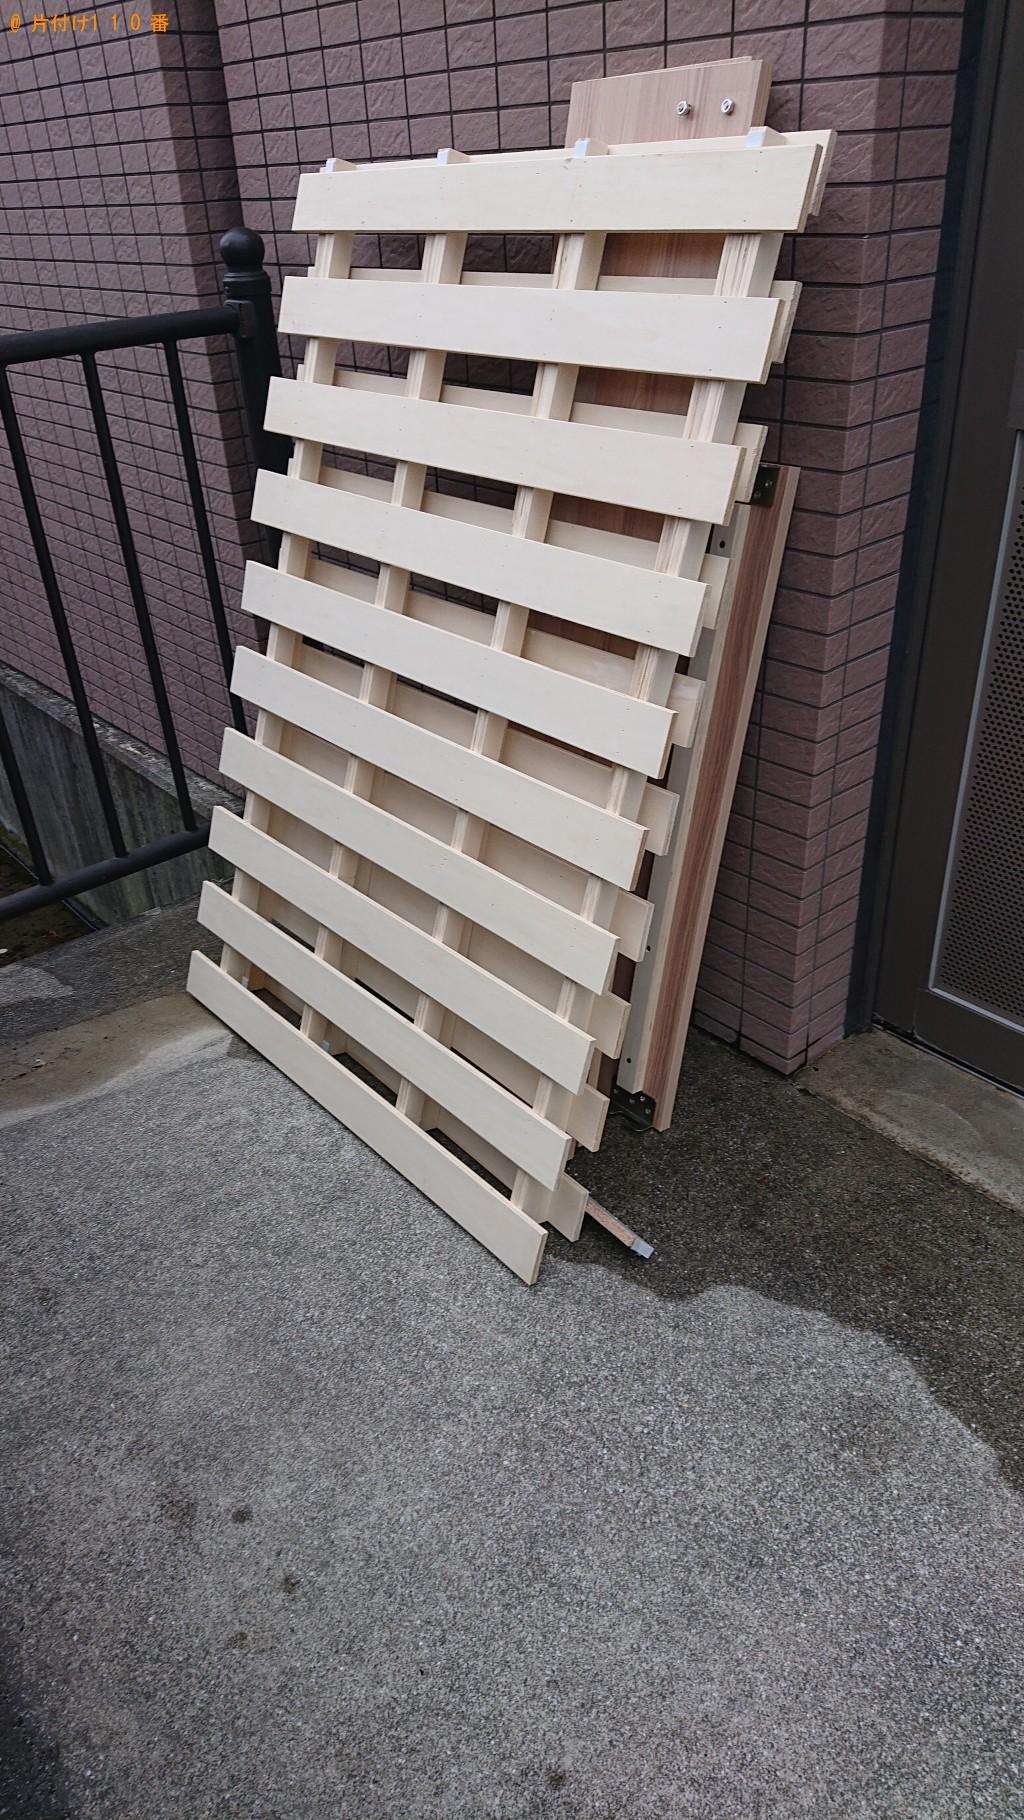 【茨木市西田中町】食器棚、ベッド枠の回収・処分 お客様の声